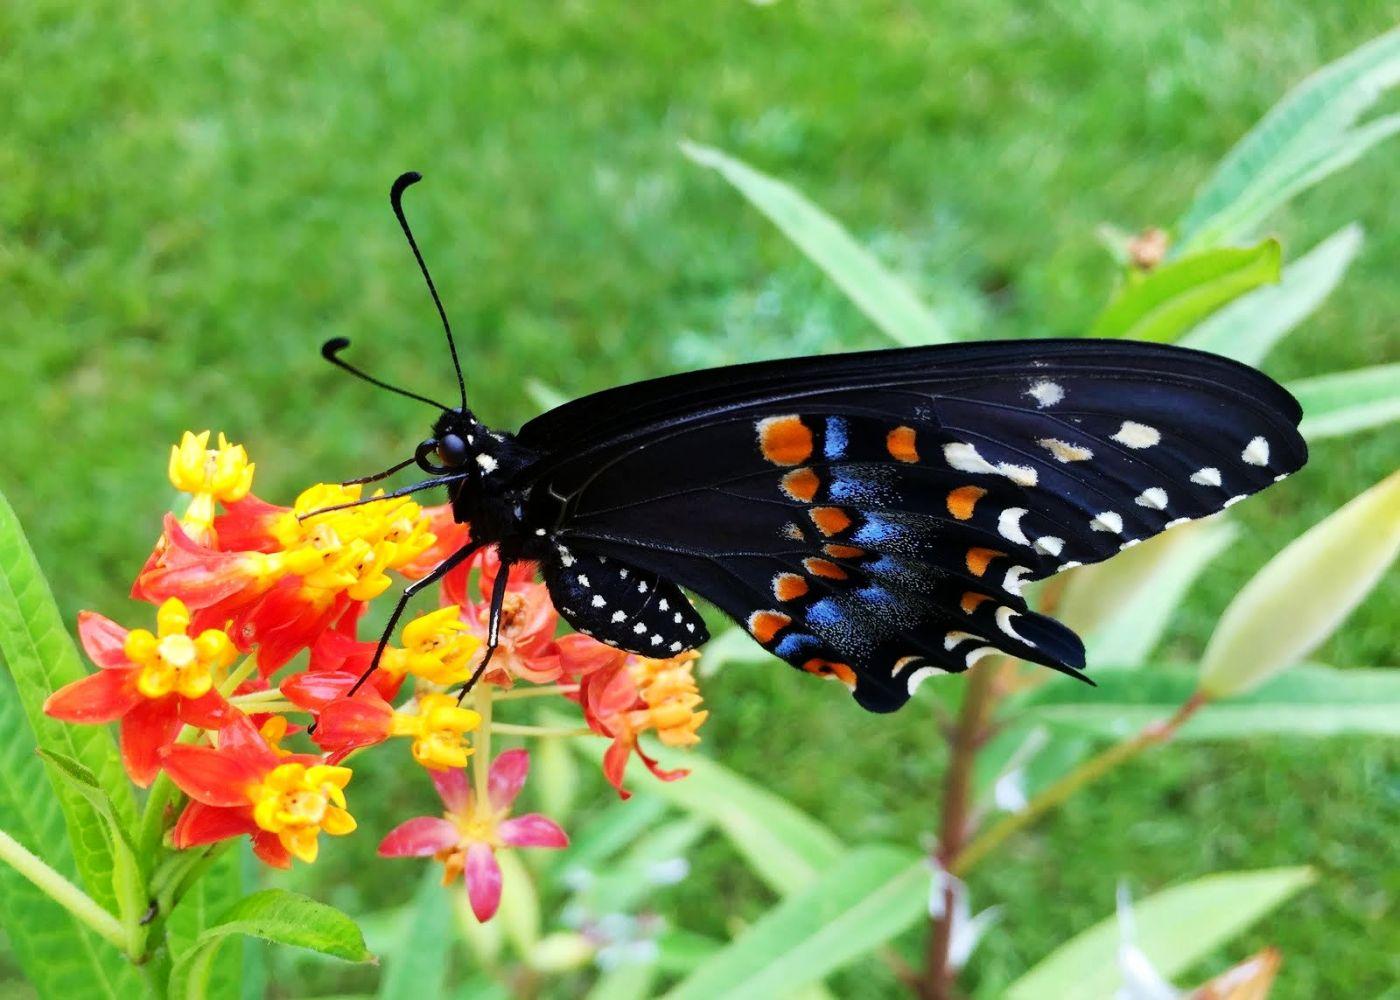 赫尔希花园看蝴蝶_图1-20